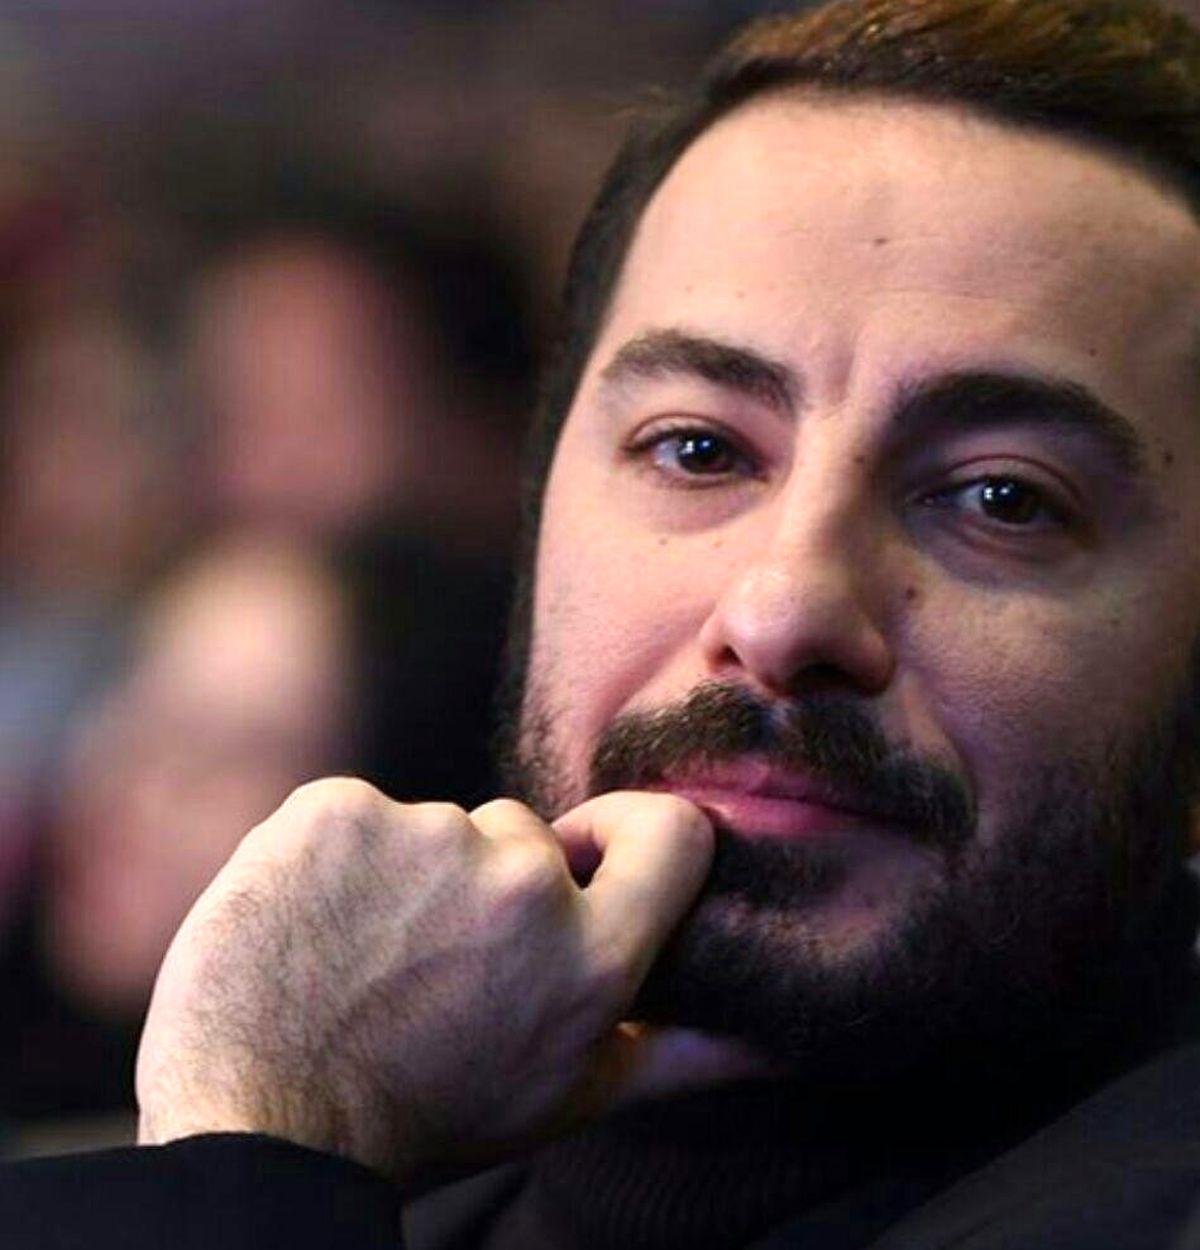 نوید محمدزاده لباس هایش را ازکجا می خرد ؟ + تیپ های جنجالی نوید